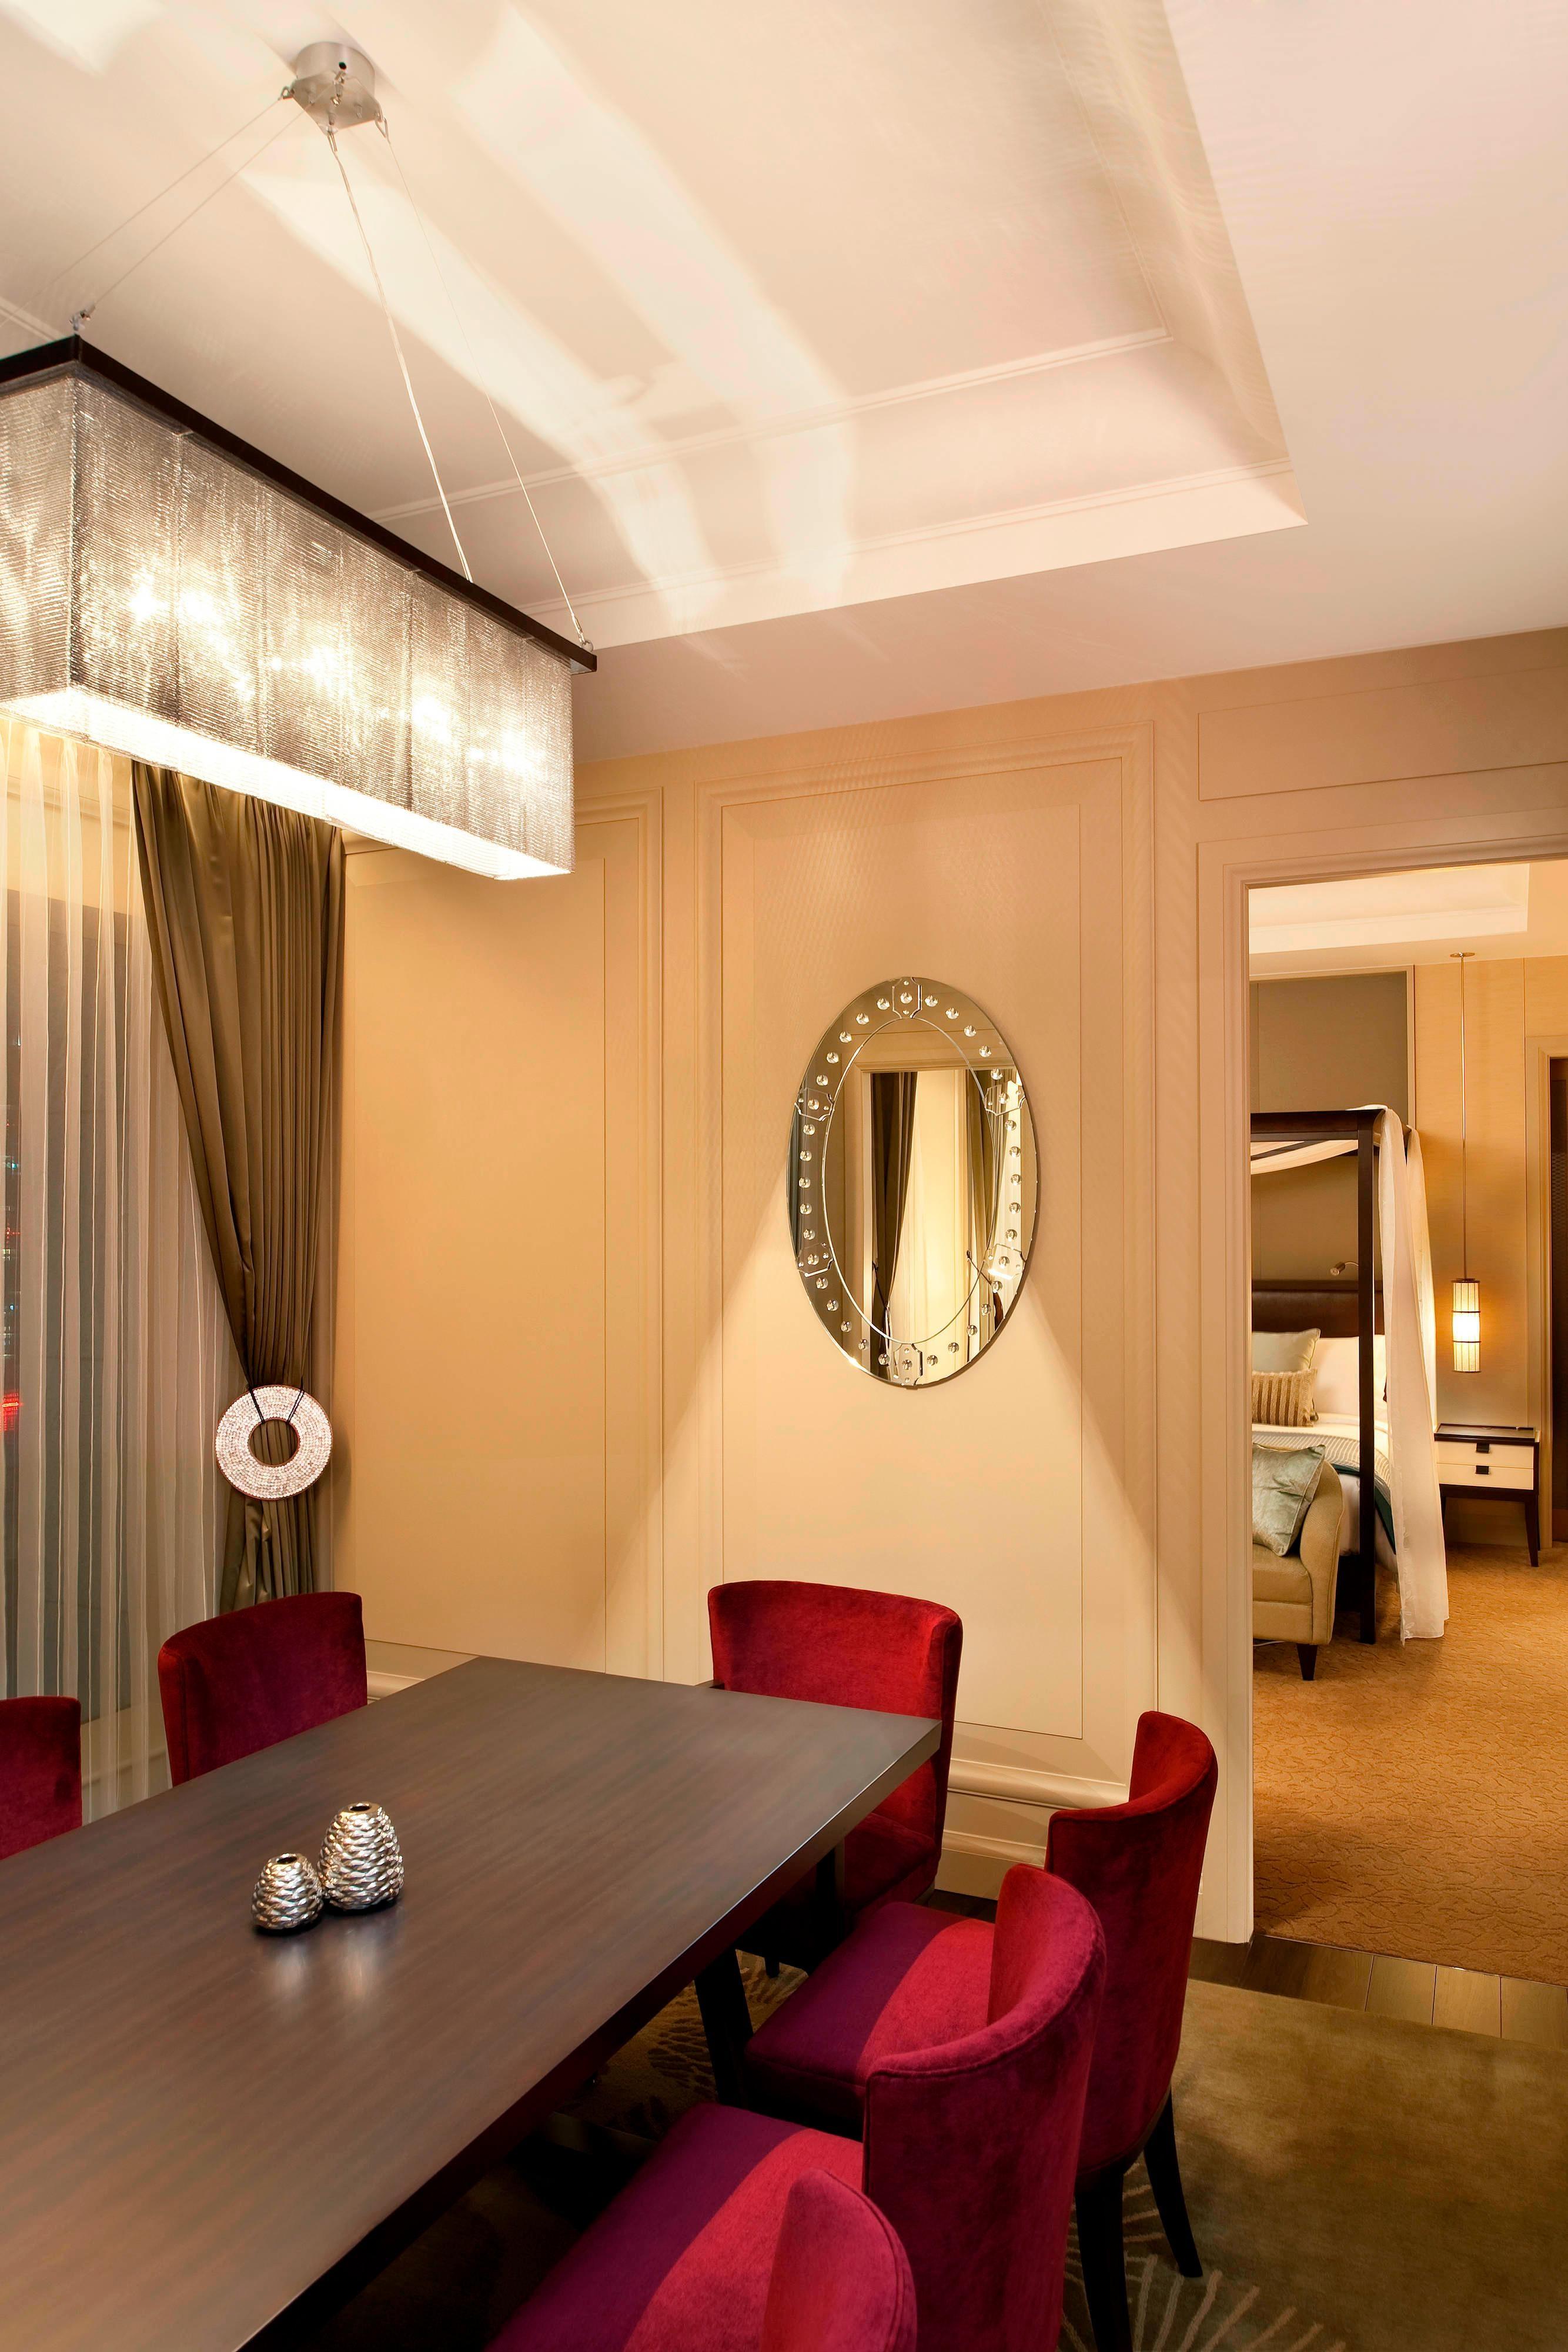 Matsu Suite - Dining Room